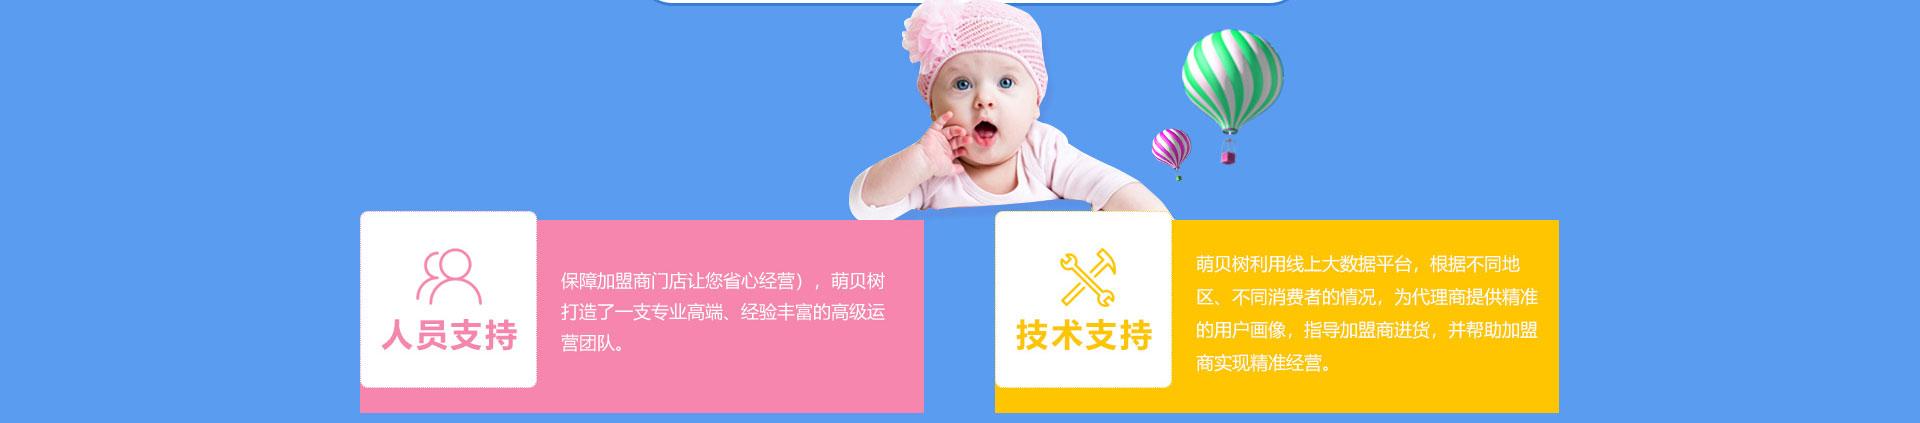 萌贝树母婴生活馆mbs_14